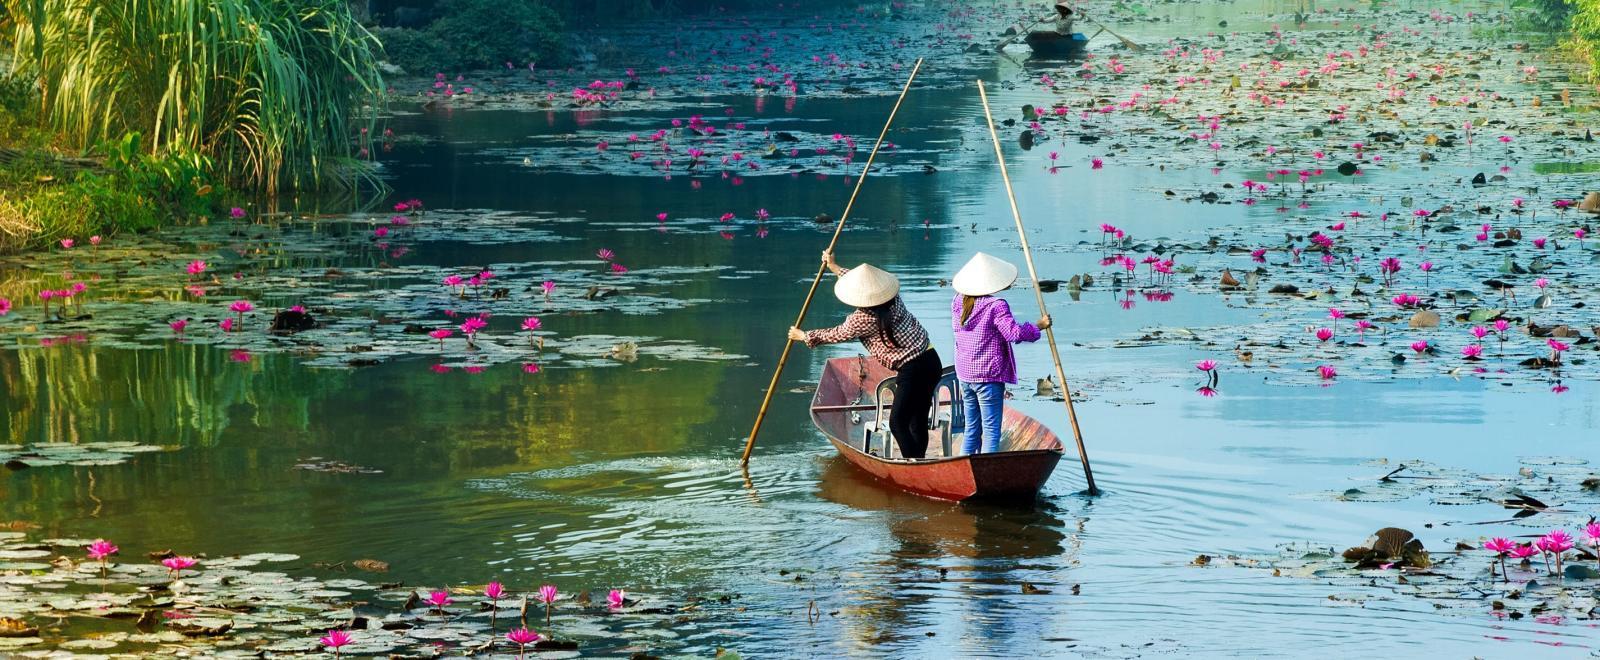 Locaux pagayant en pagode à travers les eaux de Hanoï au Vietnam.